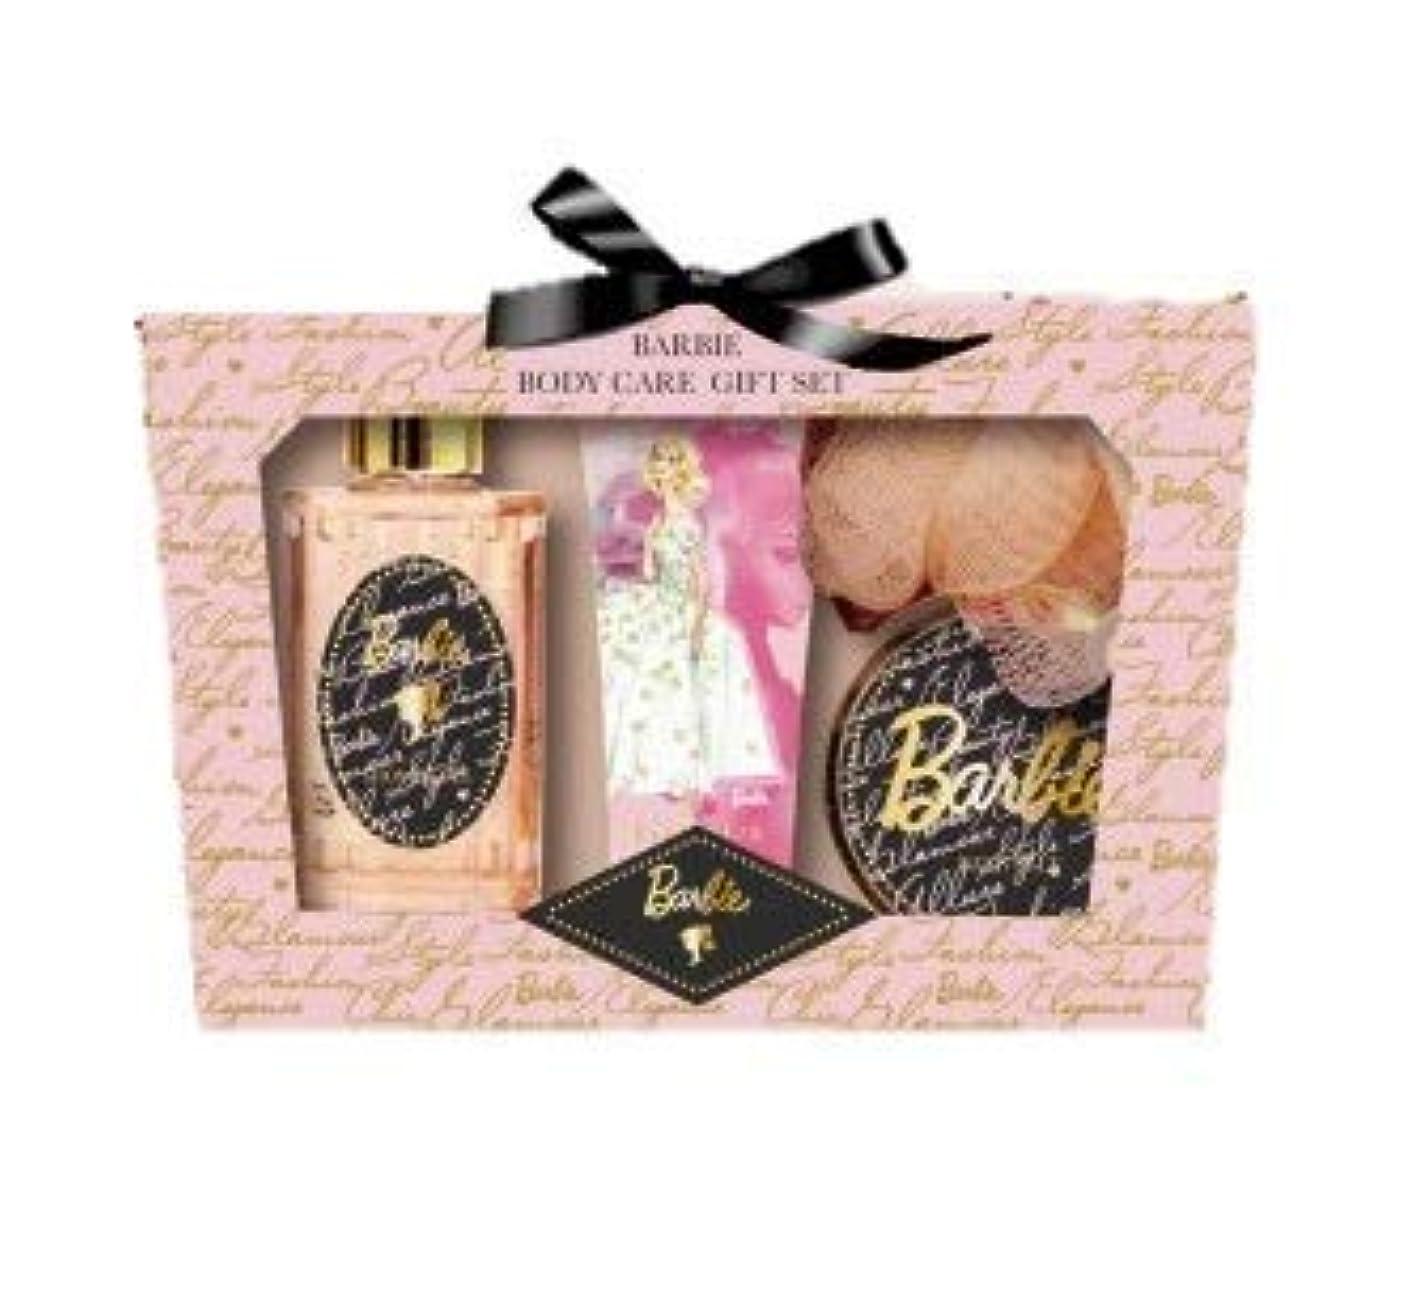 持続する恨み非難するヒューマンリンク Barbie (バービー) ボディケア ギフトセット (ローズ&ピオニーの香り) プレゼント [ハンドクリーム/シャワージェル/バスソルト/スポンジ] 入浴剤 バススポンジ ボディソープ